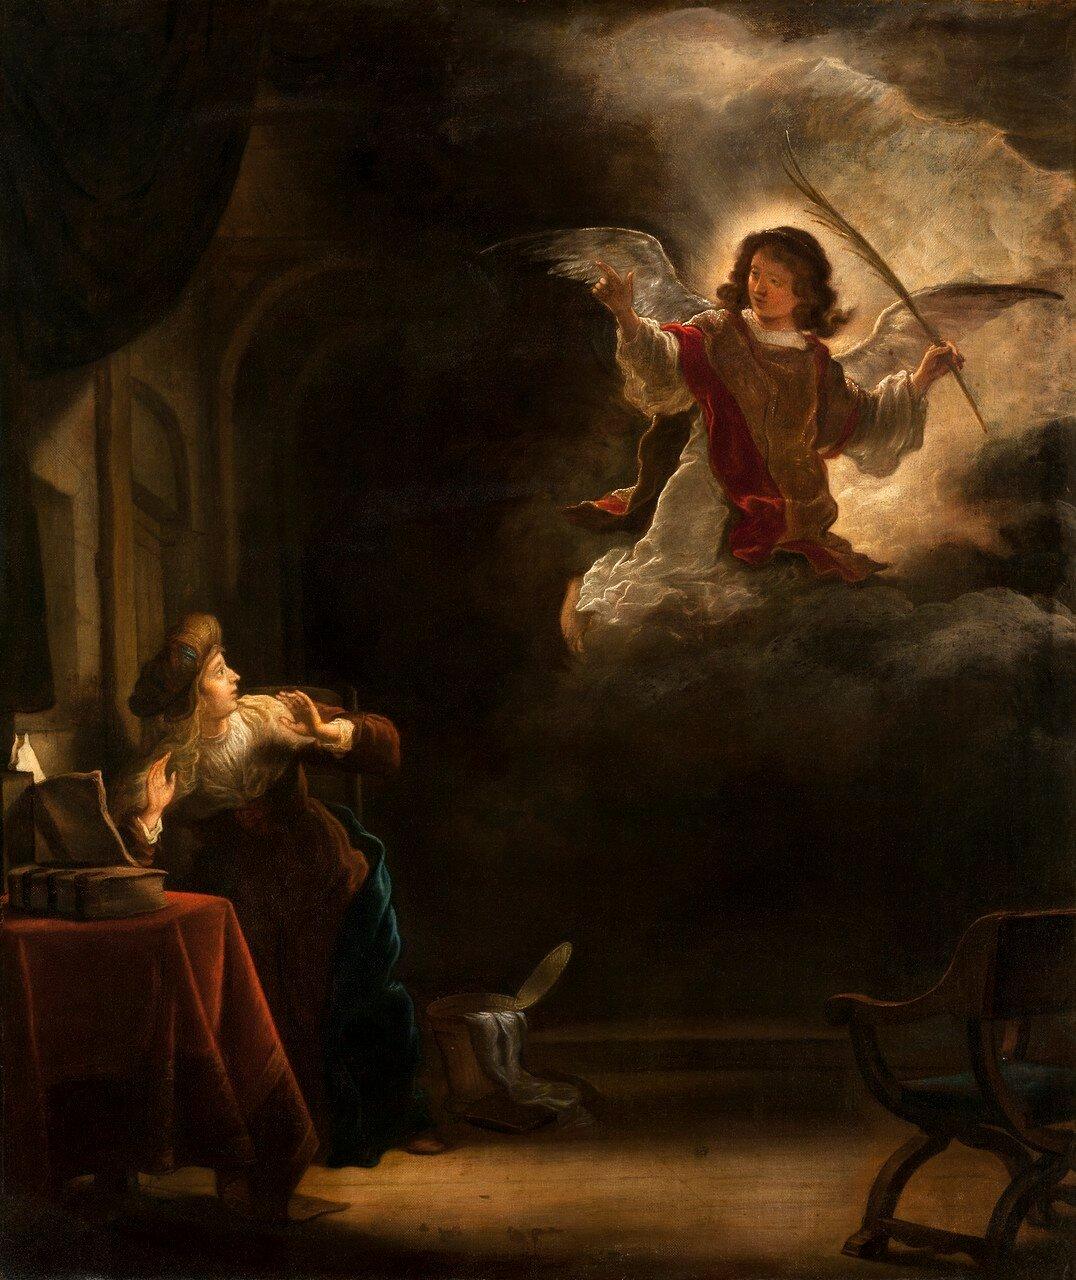 1655_Благовещение (The Annunciation)_72.5 х 61.5_х.,м._Стокгольм, музей Халлвул.jpg